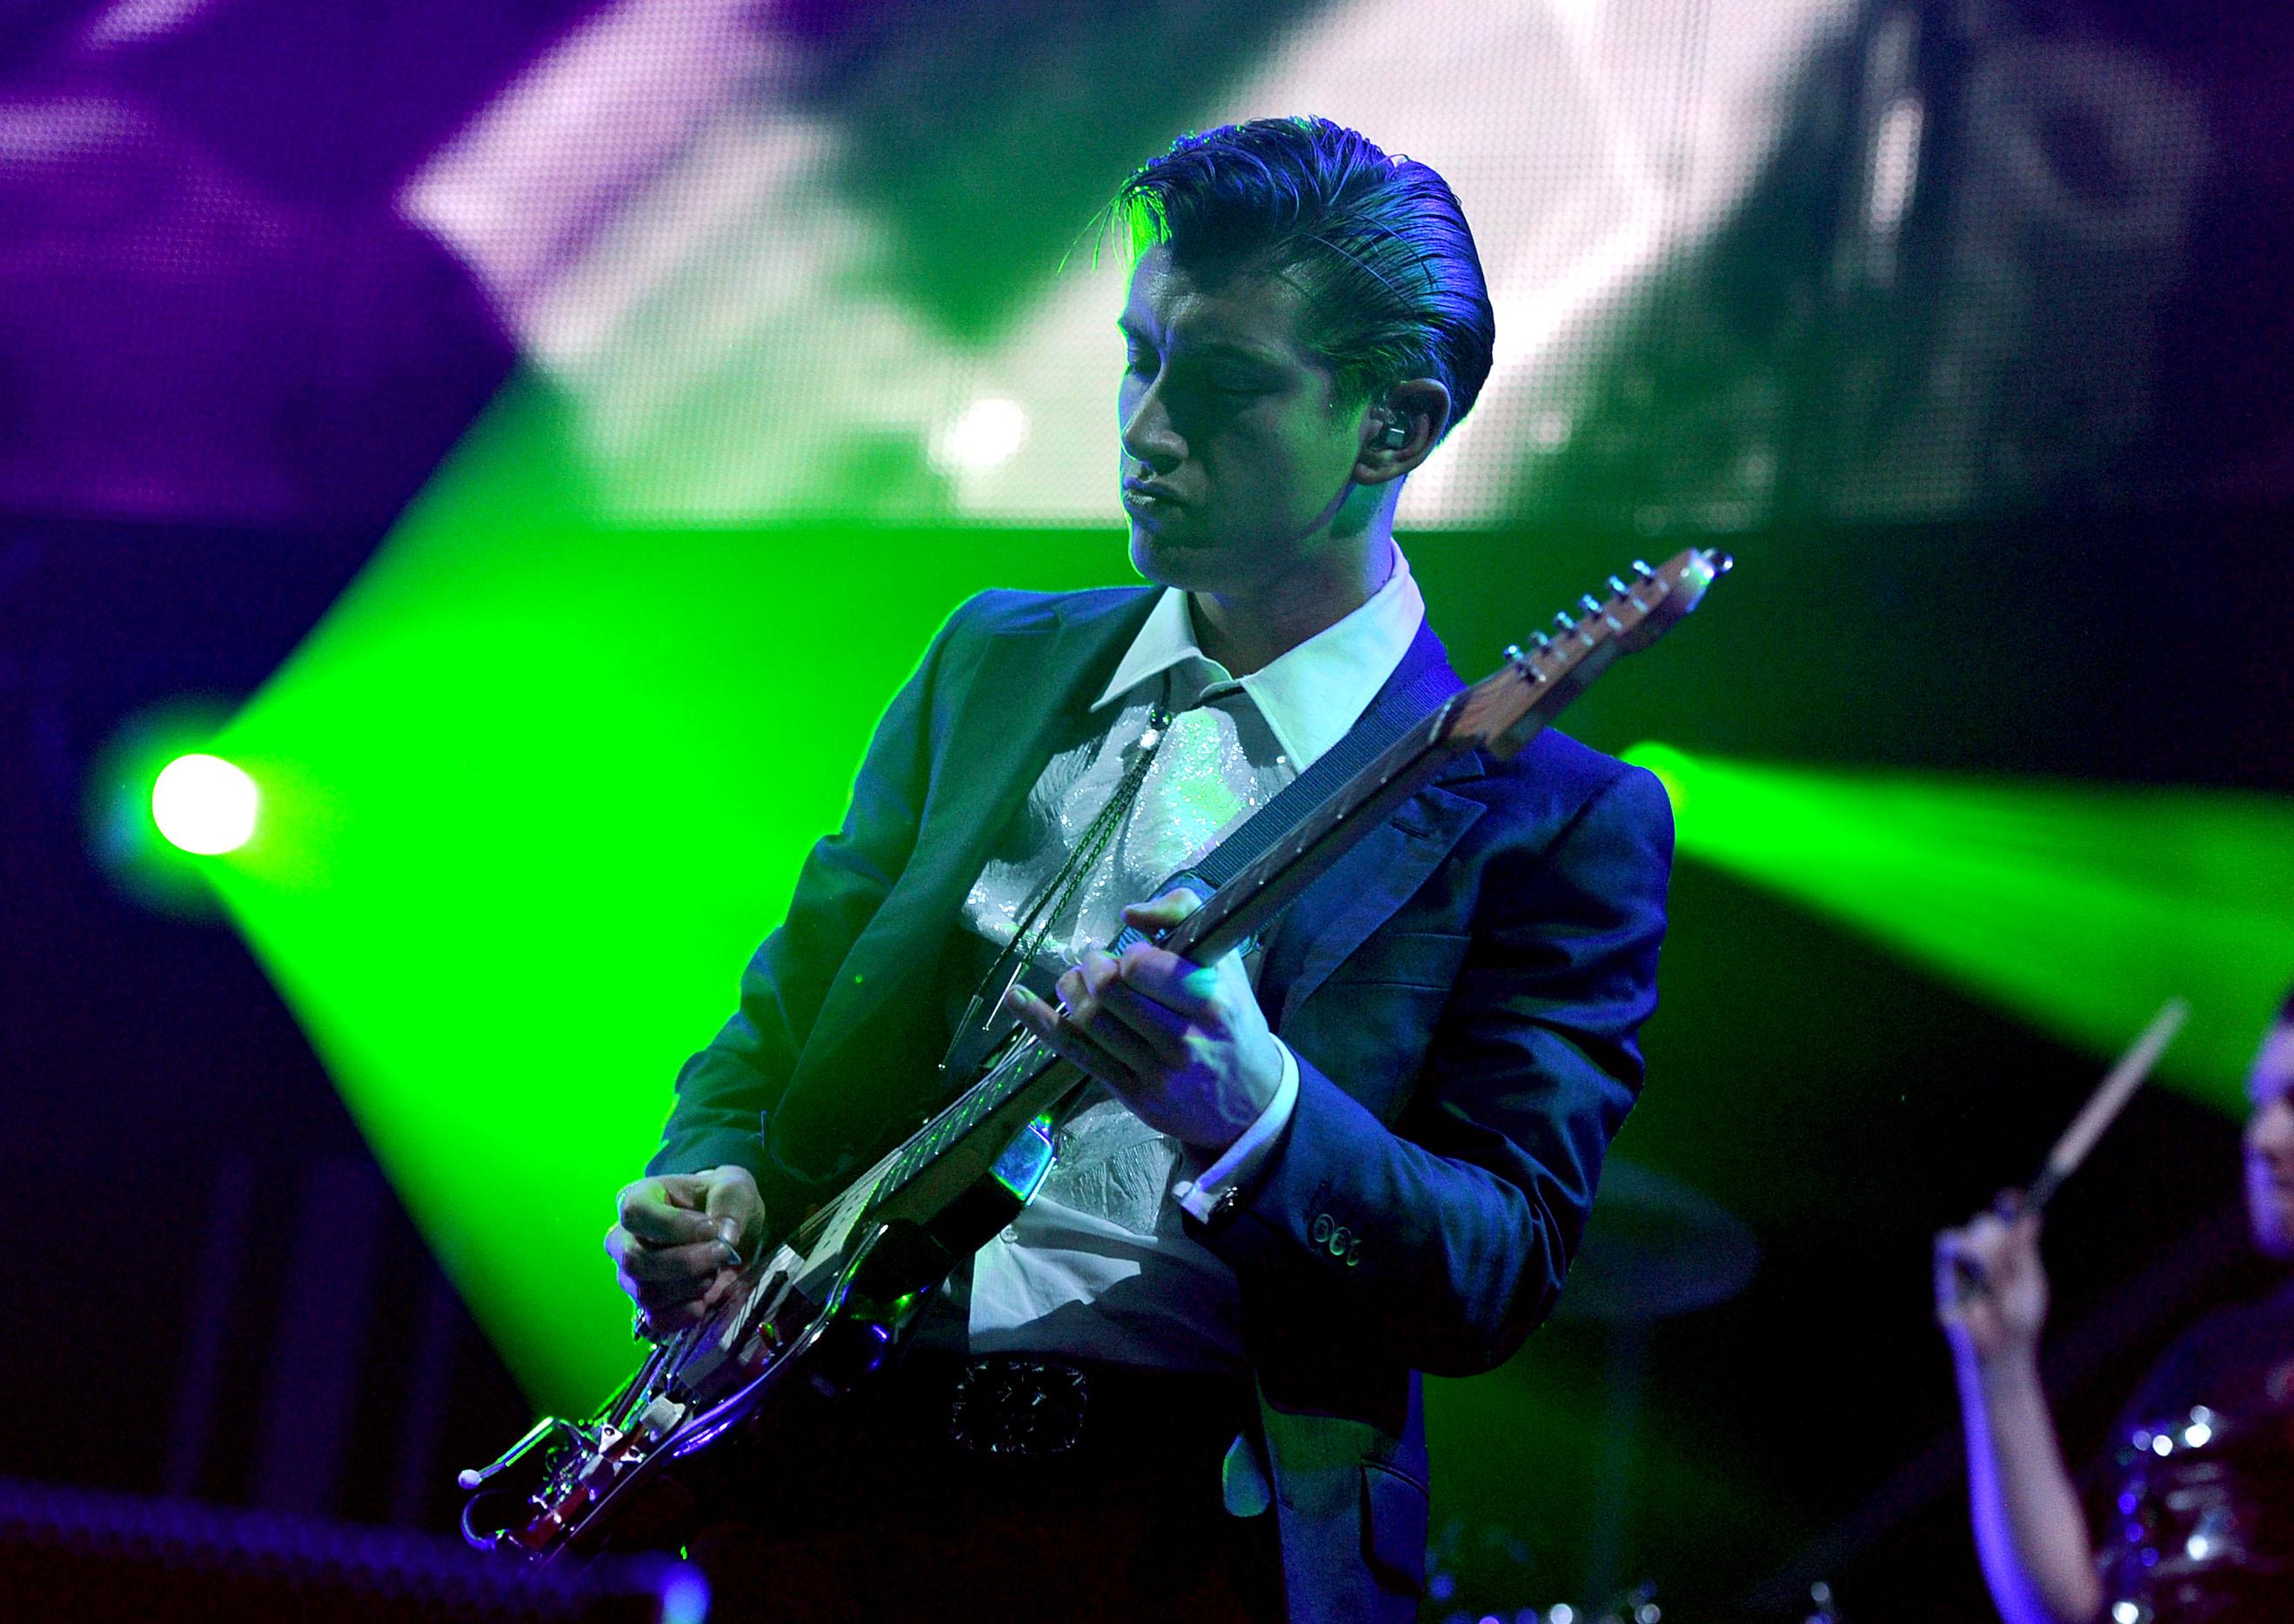 Alex Turner atrapa brassier en concierto